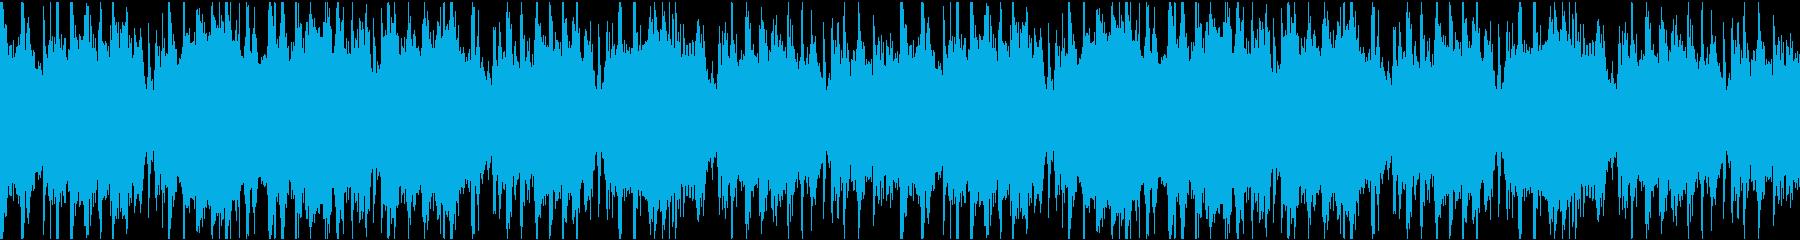 【ループ可】爽やかな雰囲気のメニュー曲の再生済みの波形